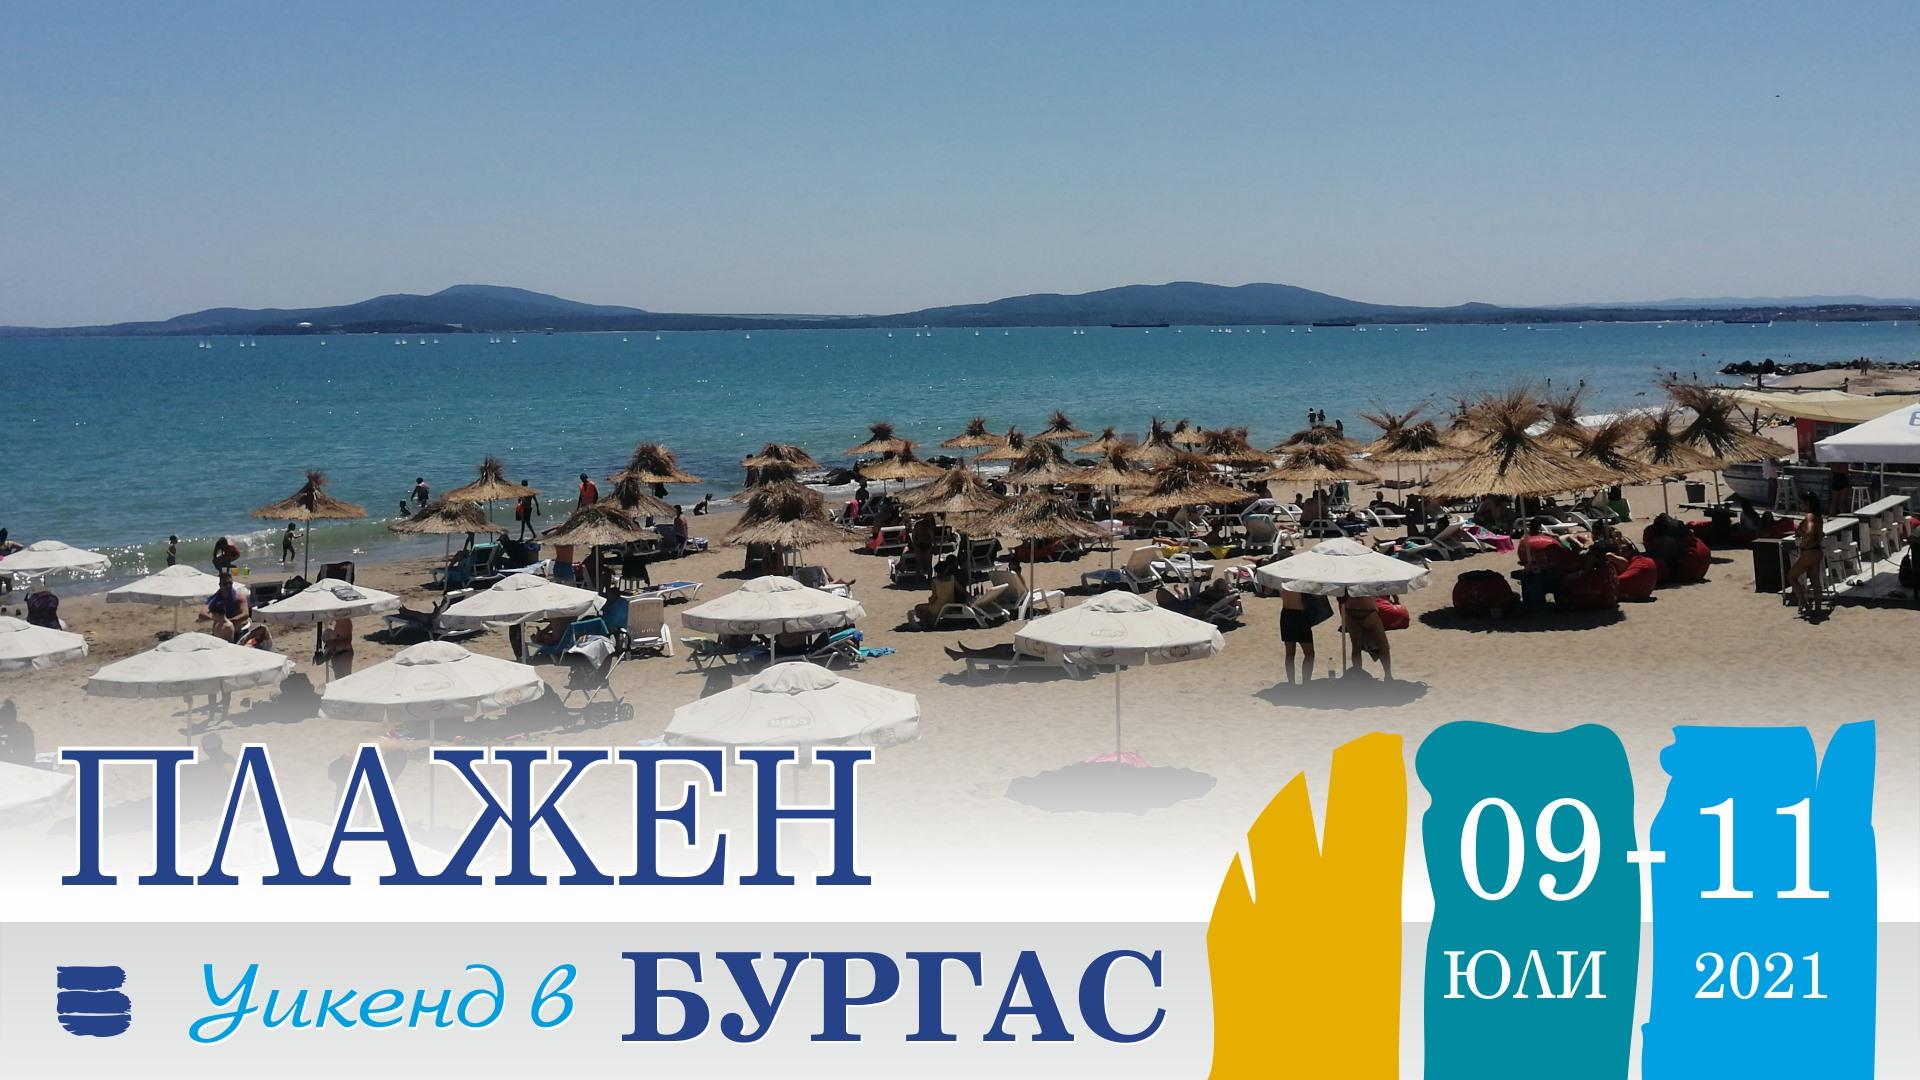 Beach weekend in Burgas July 9 - 11